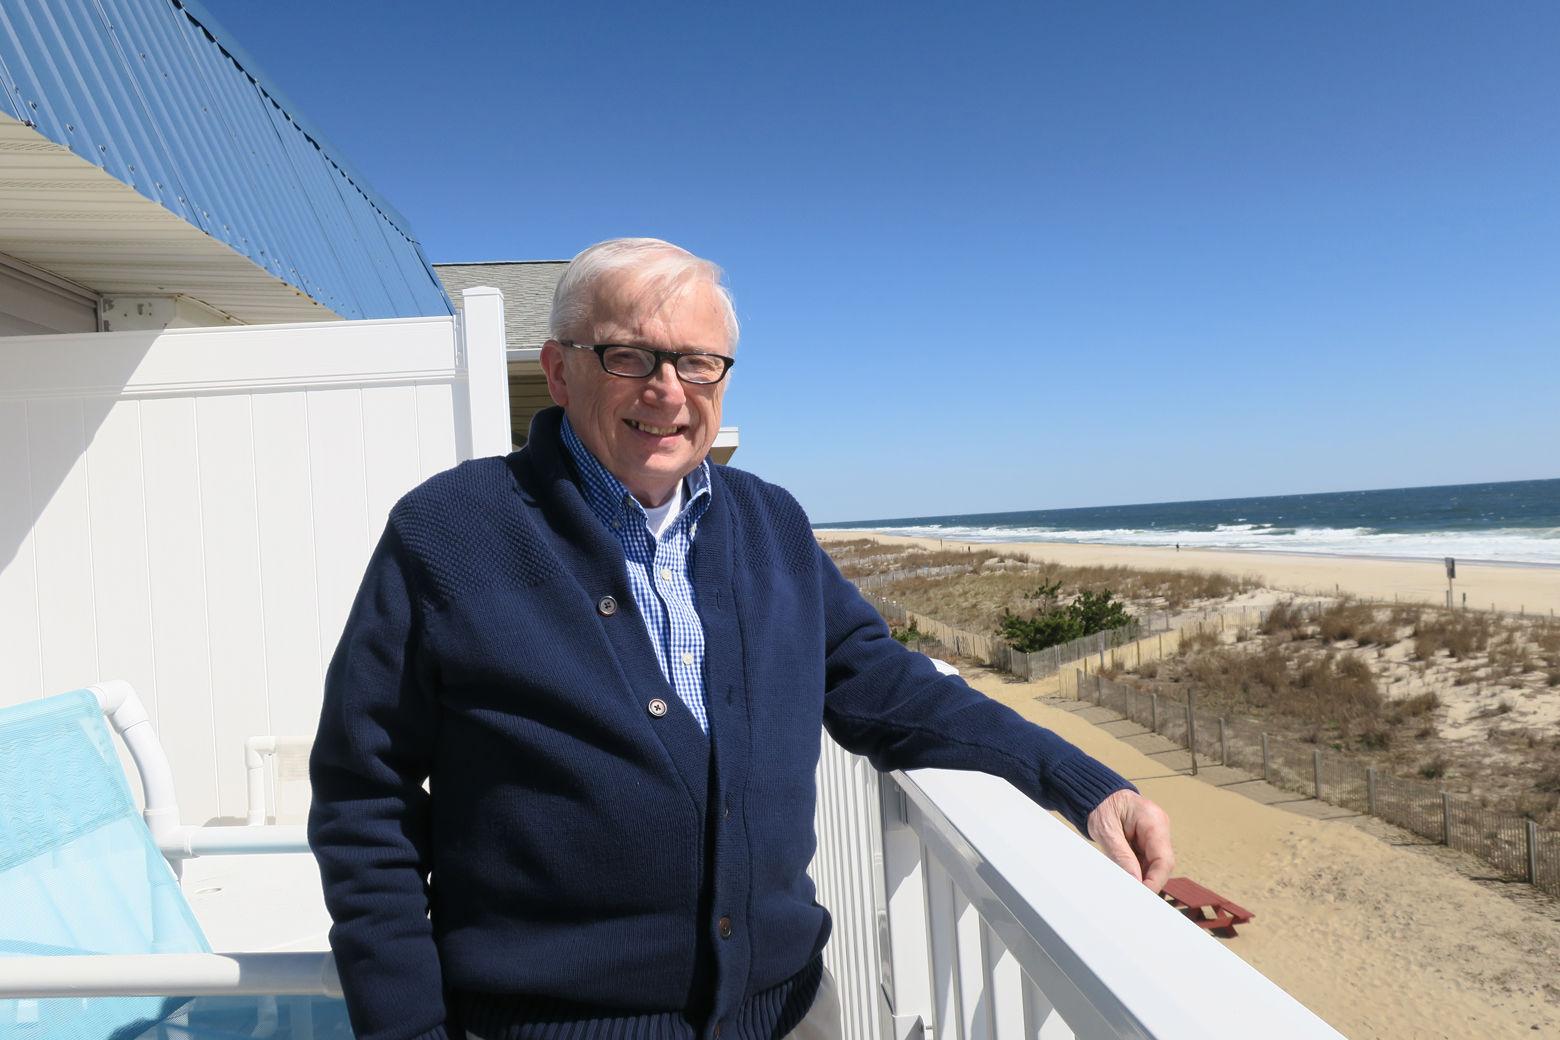 Photo shows Steve Mastbrook on a beach porch